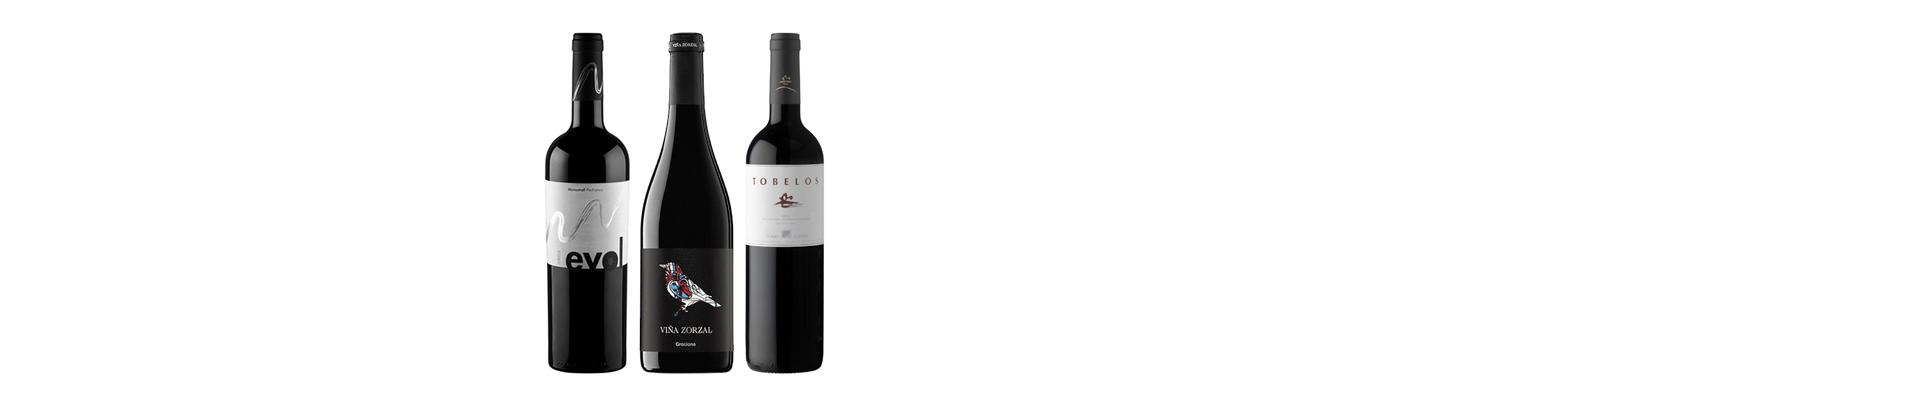 seleccion-vino-doowine-marzo-vina-zorzal-graciano-tobelos-crianza-evol-monastrell-pie-franco-banner